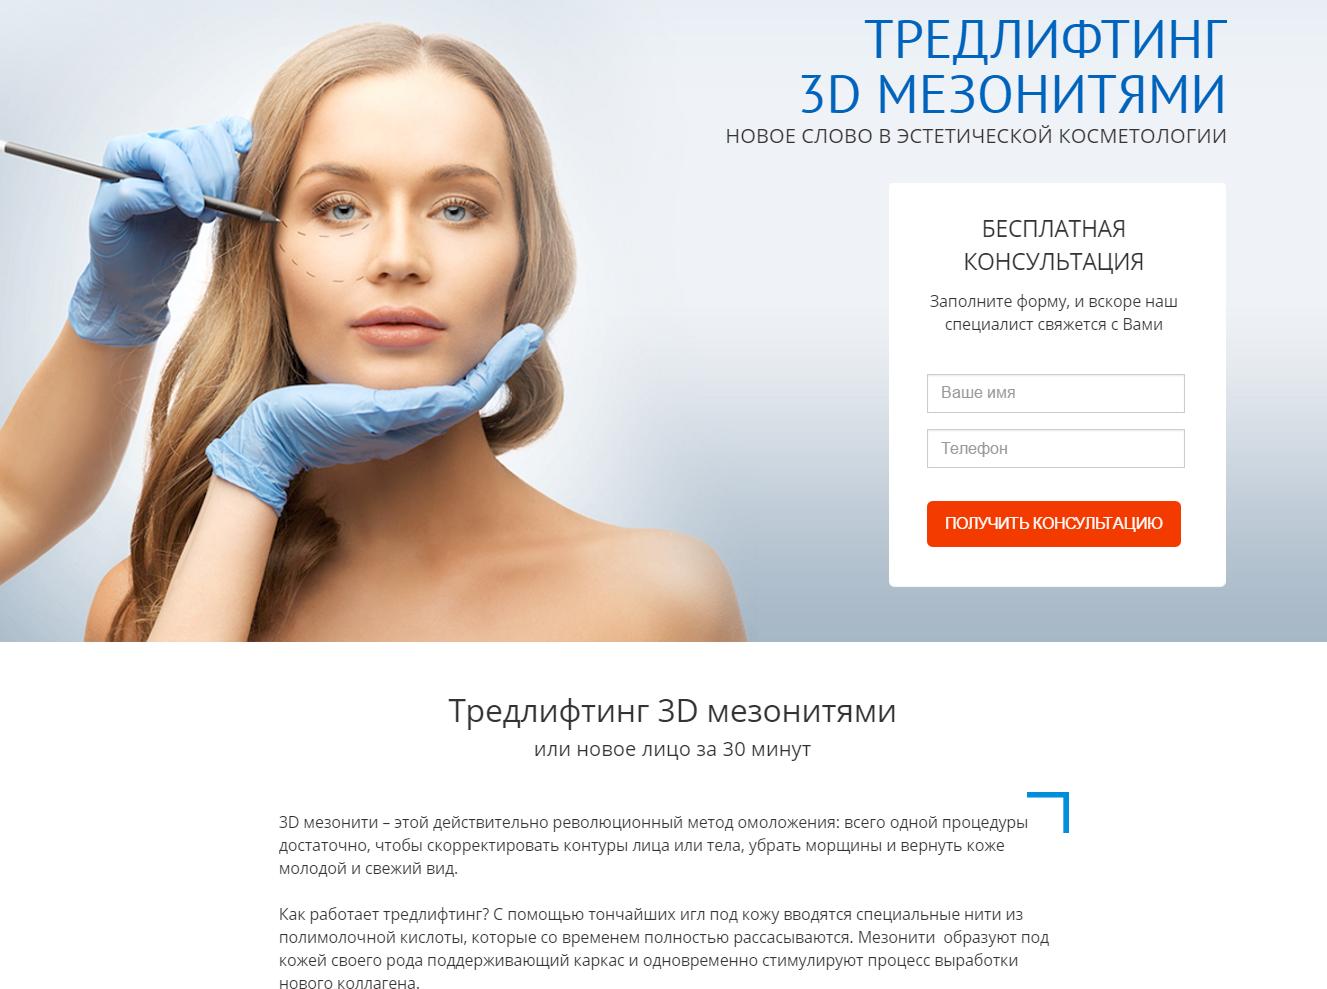 Создавая сайт на тему пластической хирургии или косметологии, очень важно соблюсти баланс между строгостью и привлечением внимания. Это именно такой шаблон - простой, понятный и вместе с тем стильный и современный. Начните создавать ваш сайт уже сегодня!